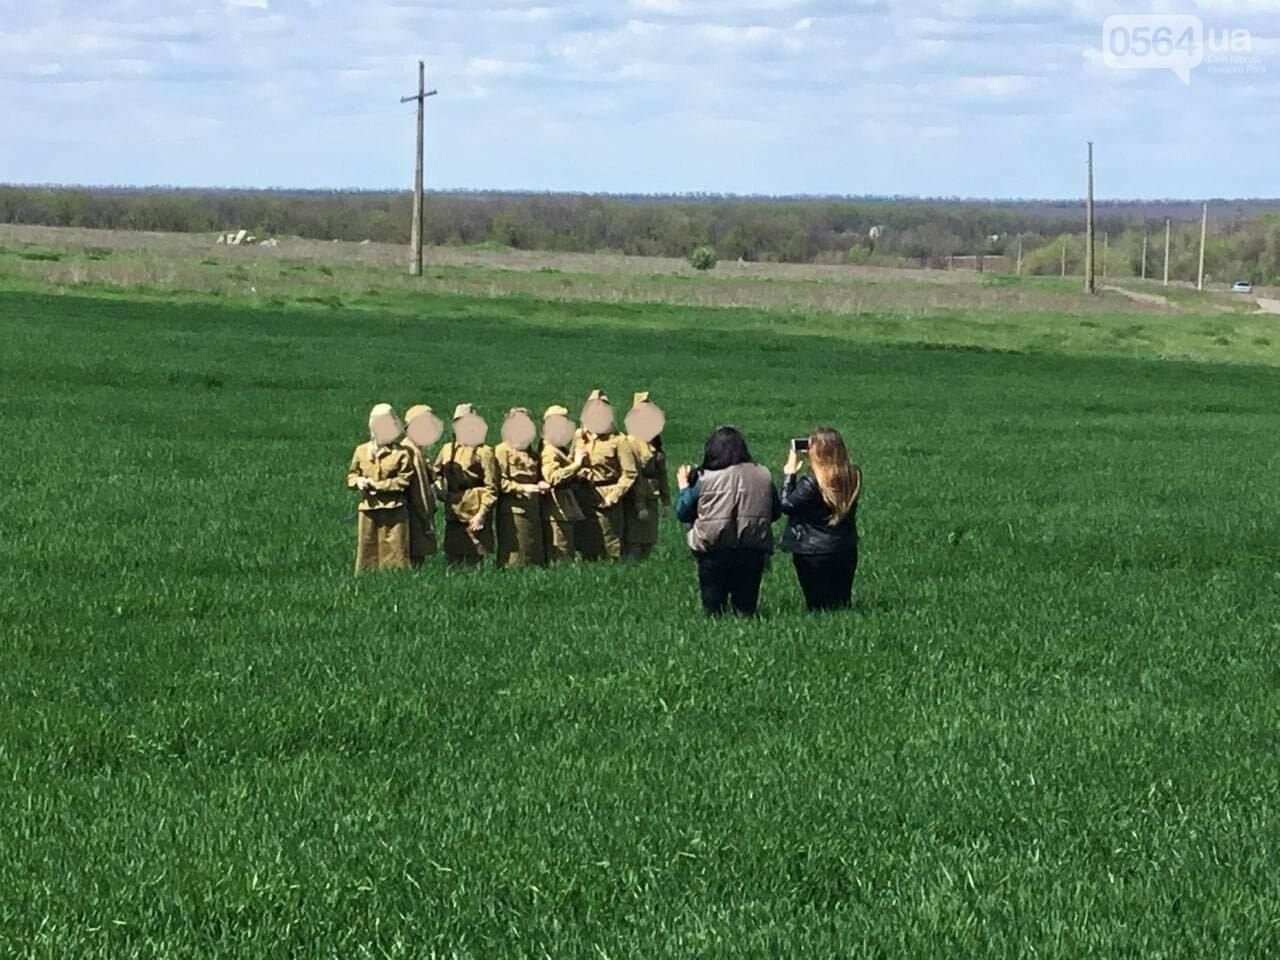 """""""Ти- є мій гріх і спокуса"""", - в Кривом Роге поющих детей одели в форму красноармейцев и снимали в поле,  - ФОТО, ВИДЕО, фото-3"""